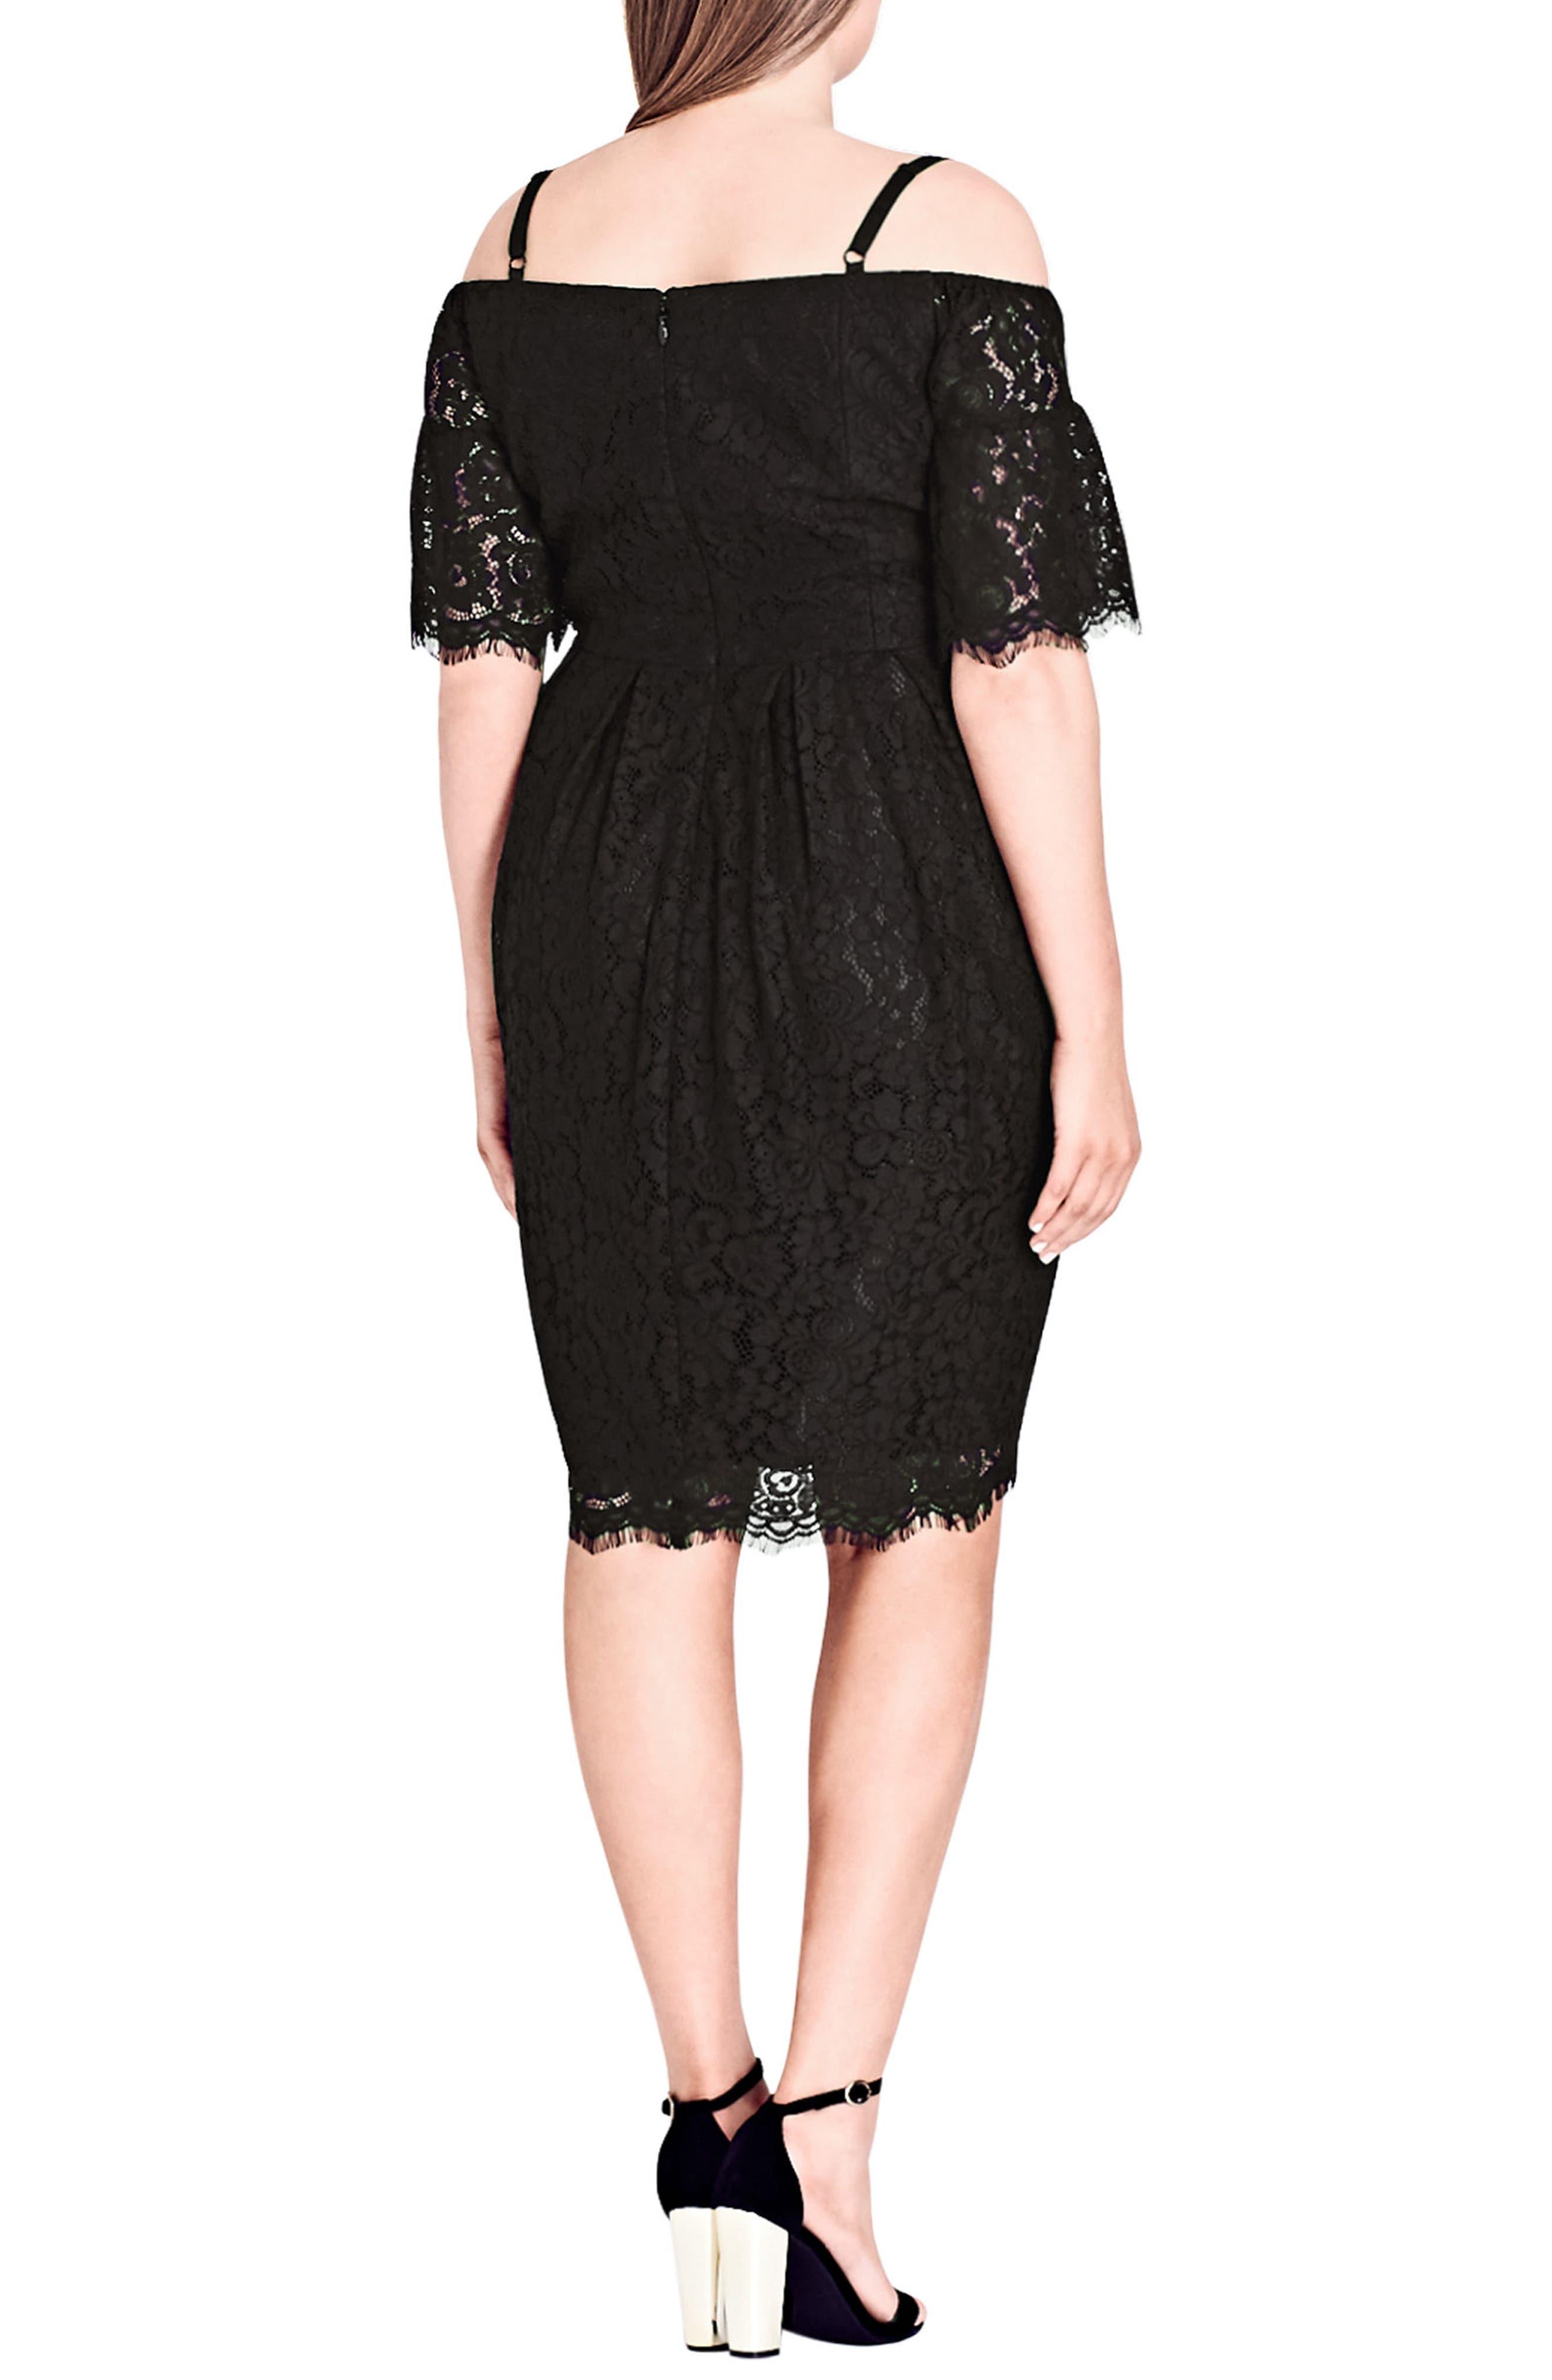 Amour Cold Shoulder Lace Sheath Dress,                             Alternate thumbnail 2, color,                             Black